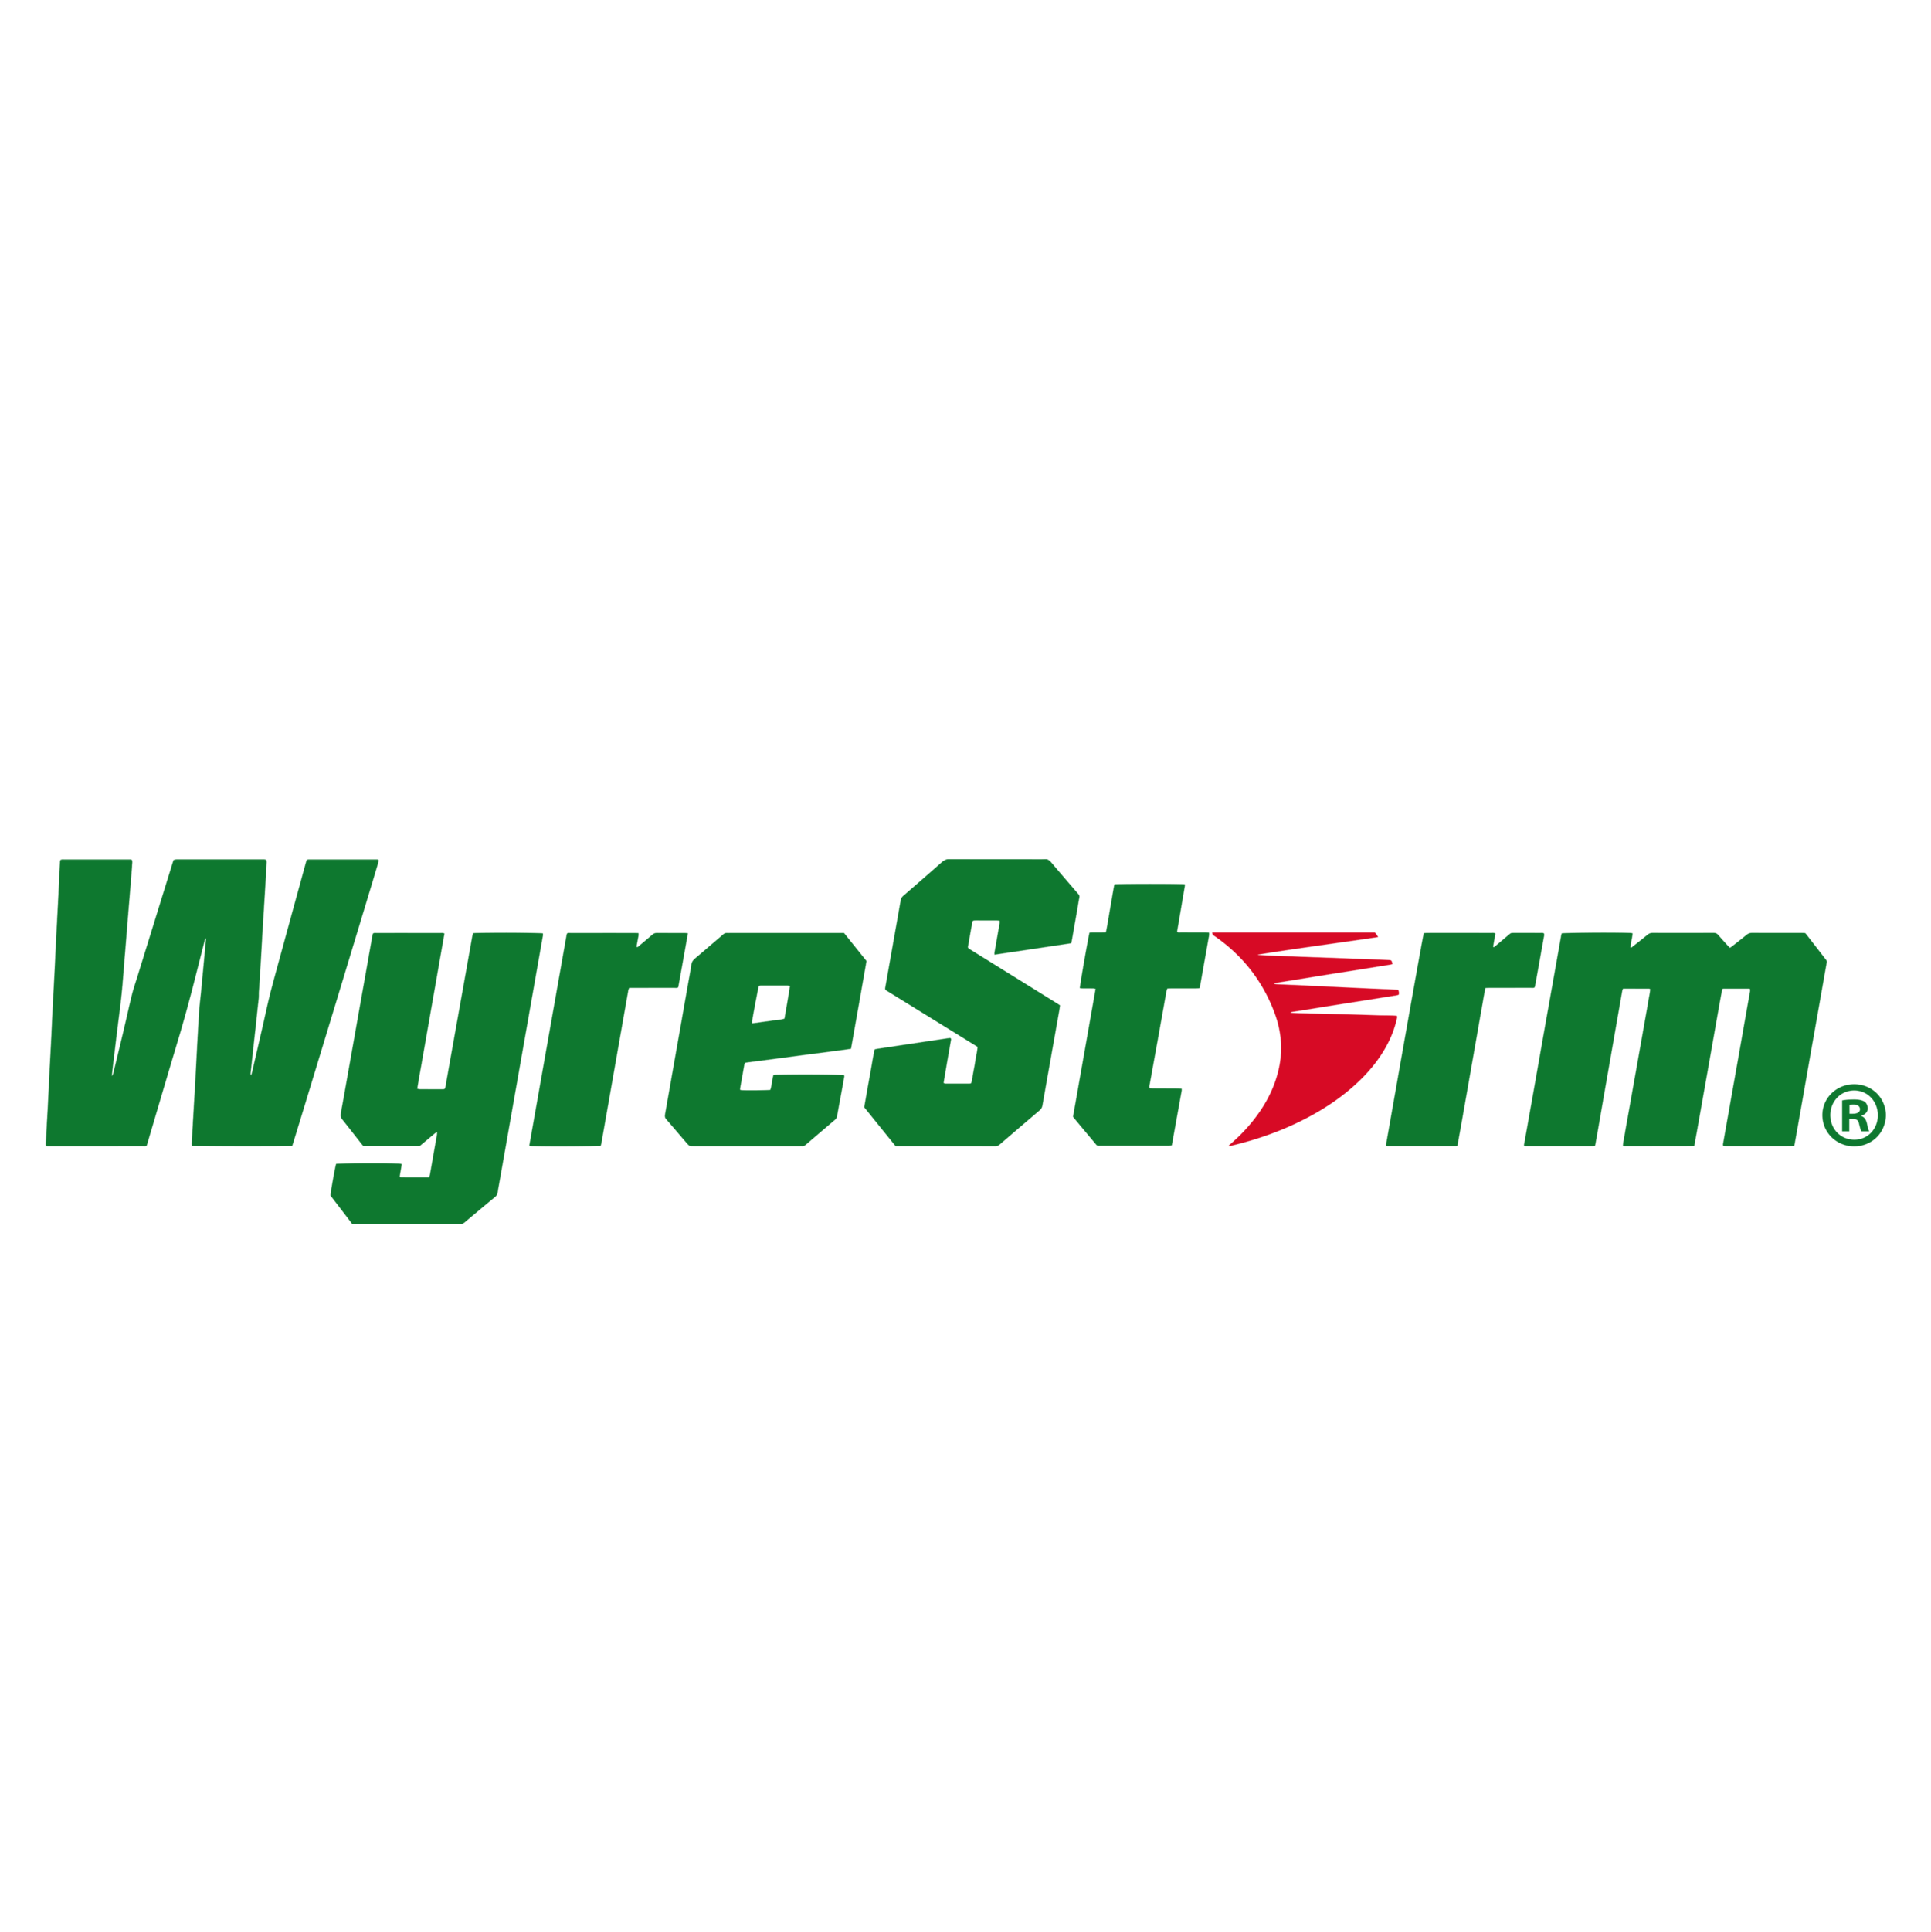 Wyrestorm.png